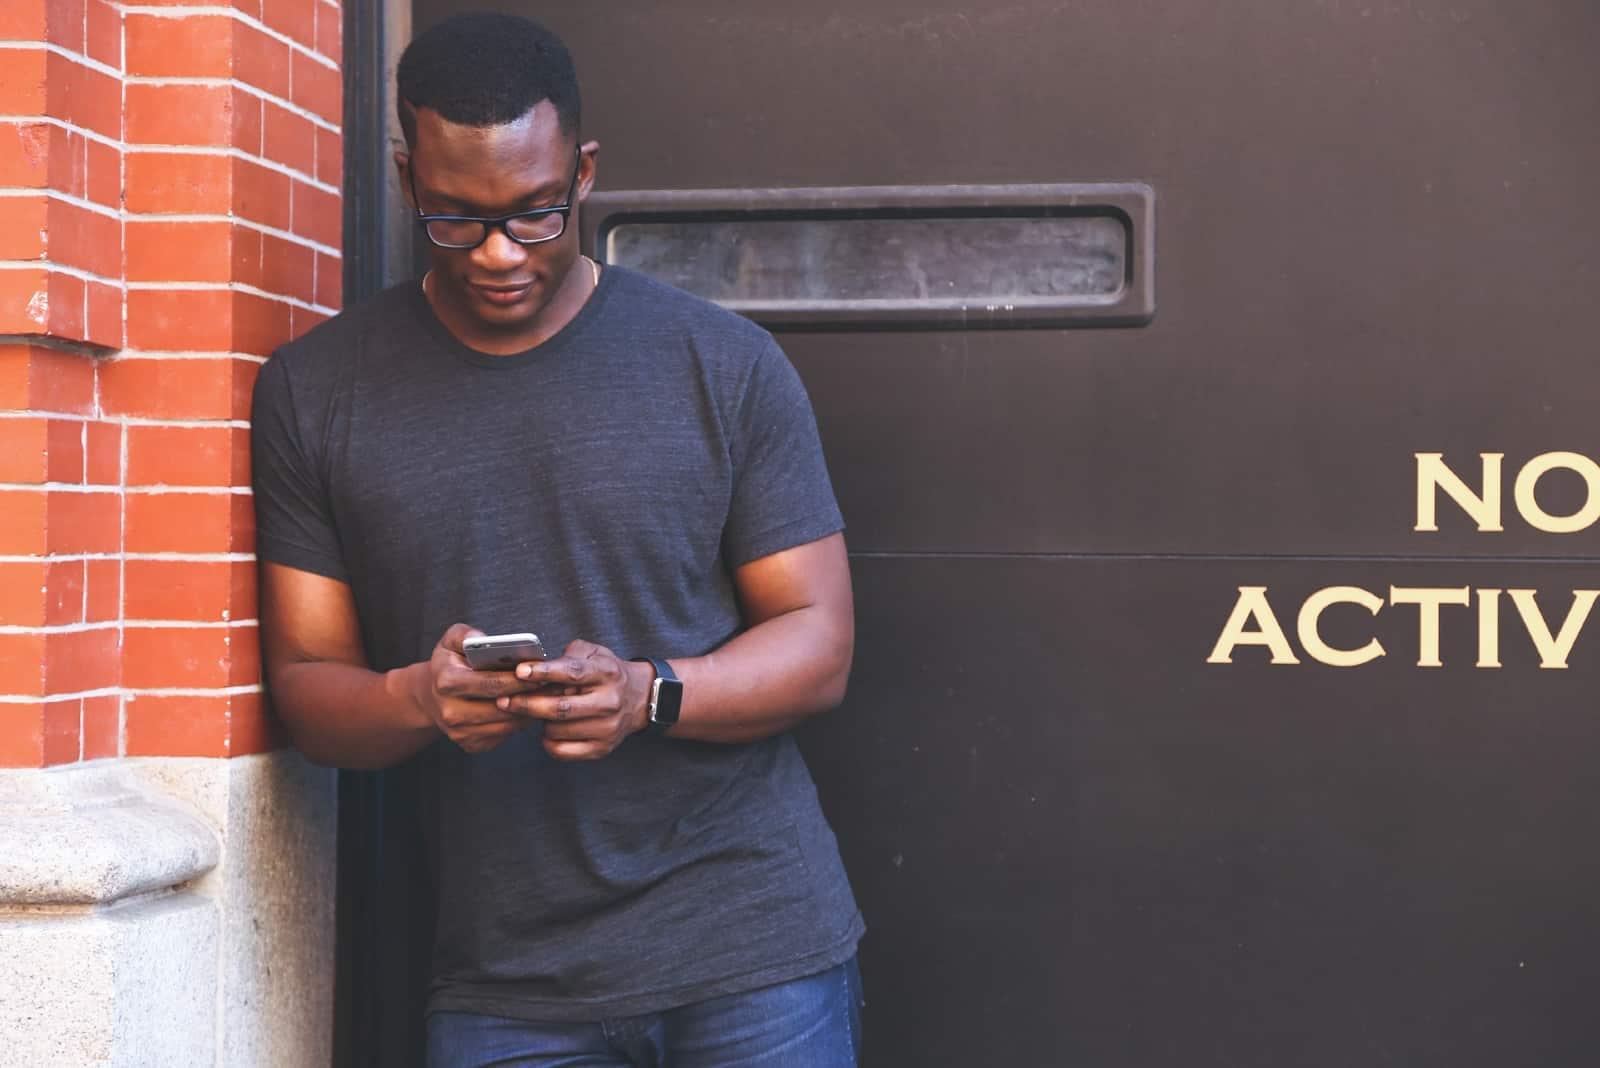 Un homme utilise un smartphone alors qu'il se tient près d'un mur de briques